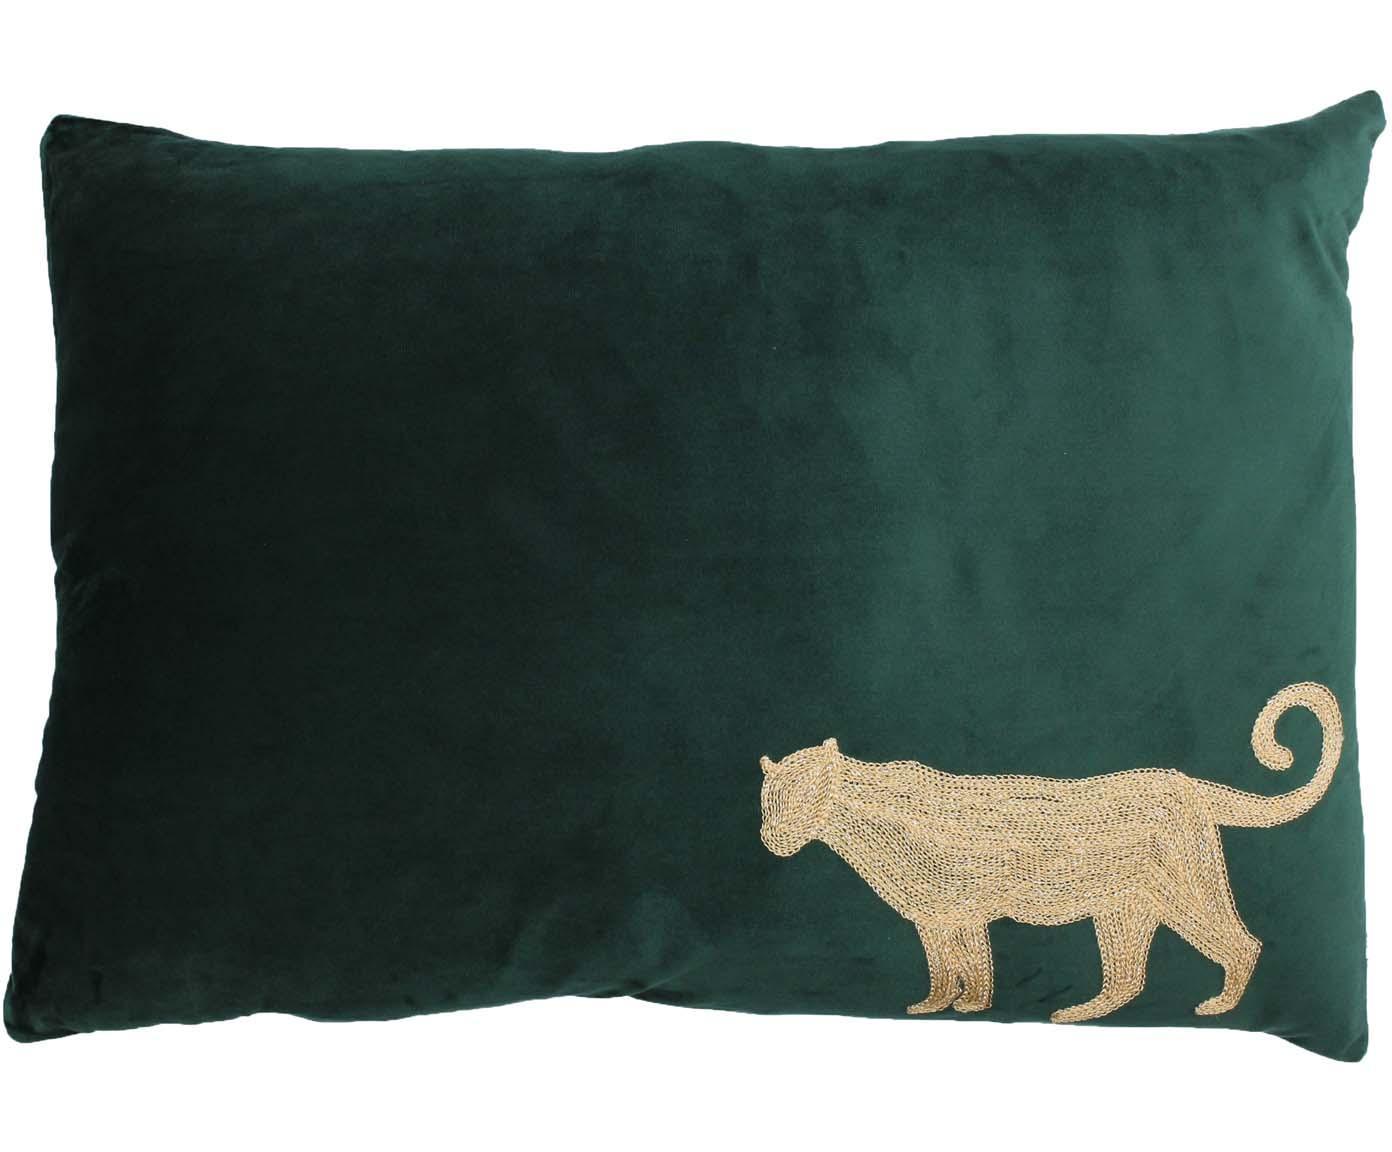 Haftowana poduszka z aksamitu  z wypełnieniem Single Leopard, 100% aksamit (poliester), Zielony, odcienie złotego, S 40 x D 60 cm